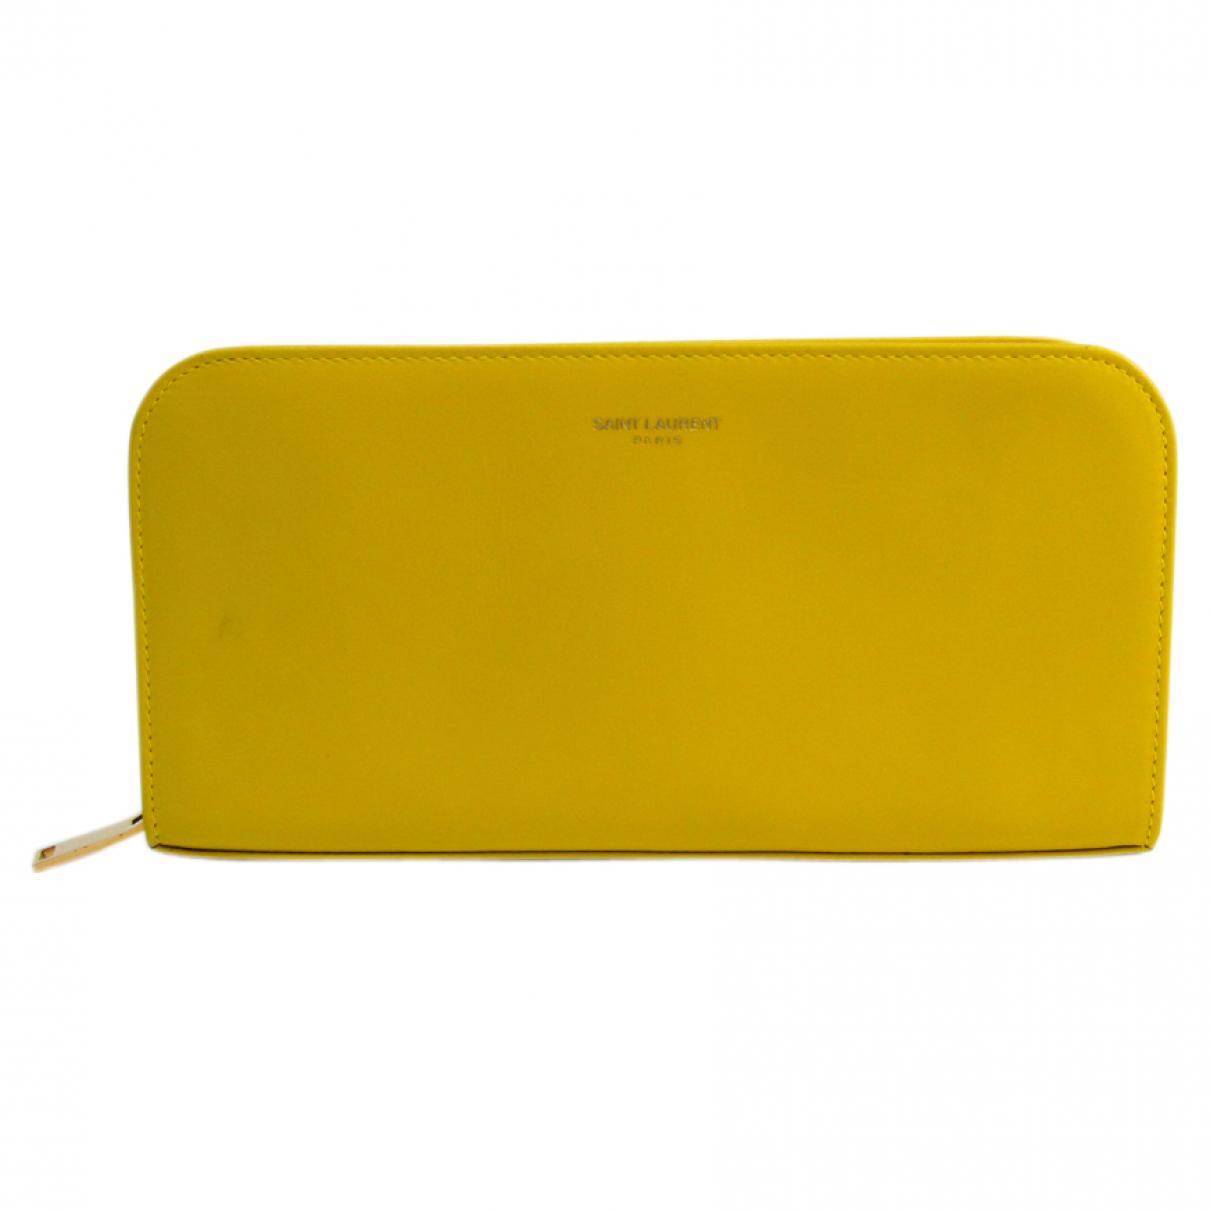 Saint Laurent - Portefeuille   pour femme en cuir - jaune